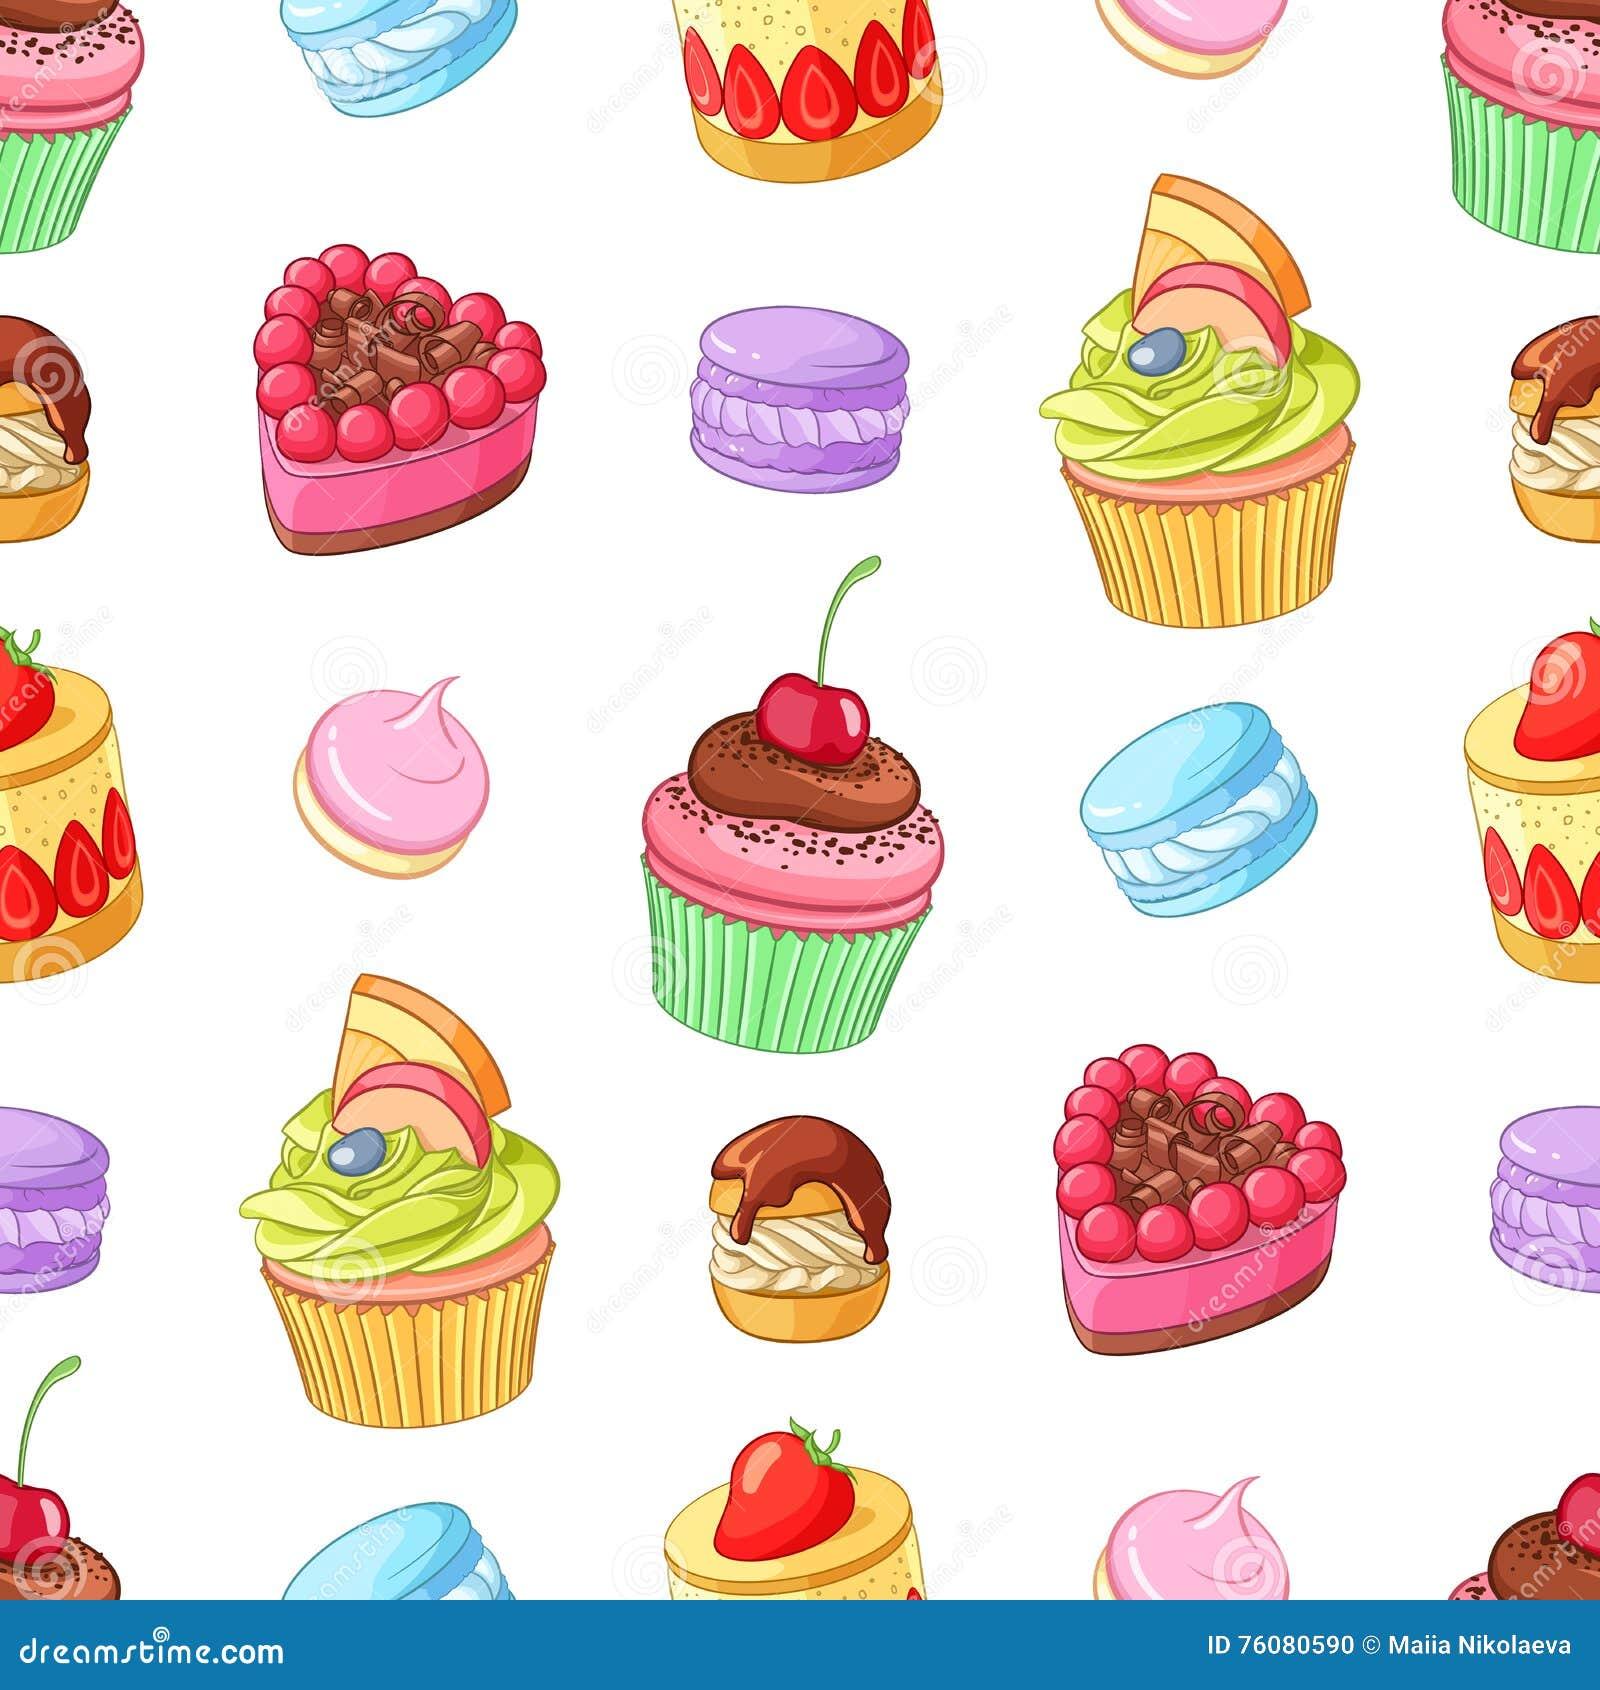 Desserts, petits gâteaux et macarons colorés assortis Configuration sans joint de vecteur